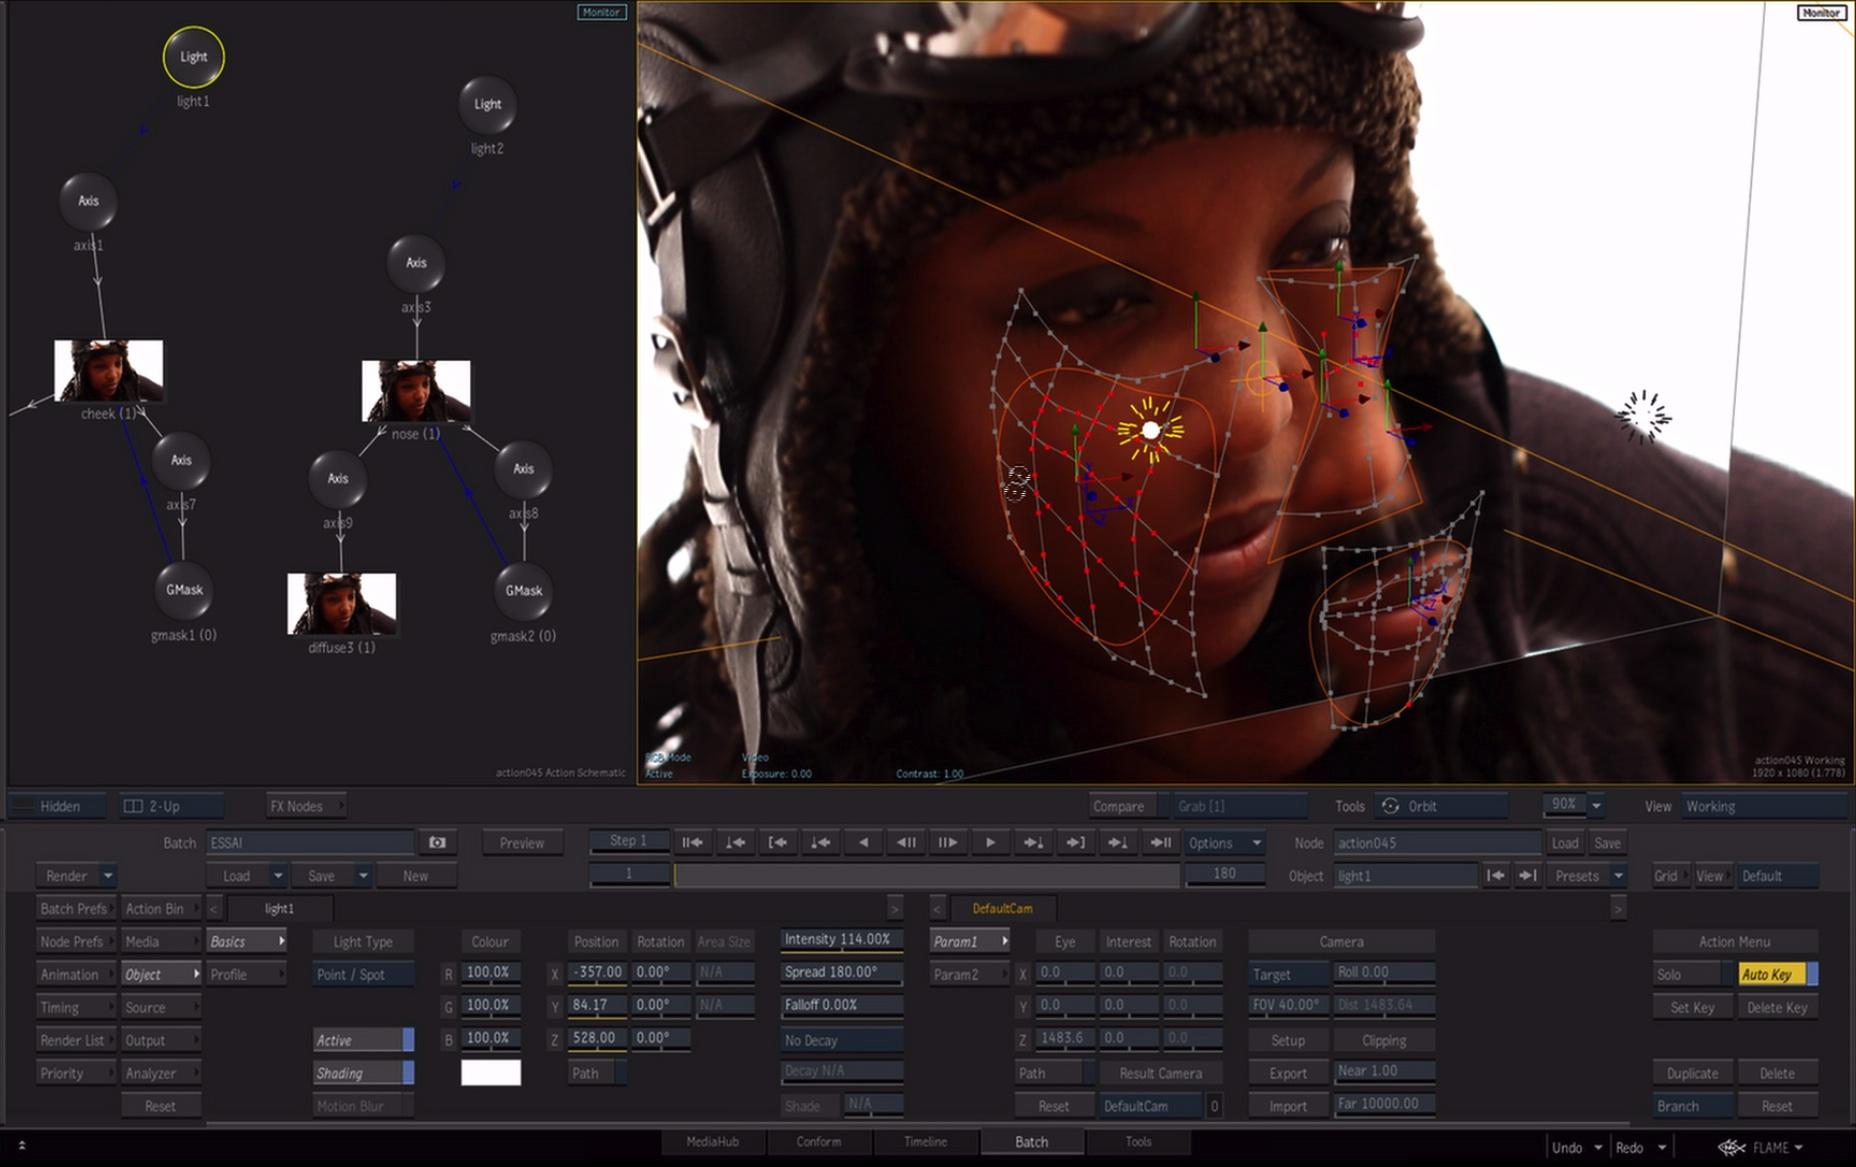 Autodesk Flame Premium 2014 Ignites Creativity, Fuels Artistic Control 4